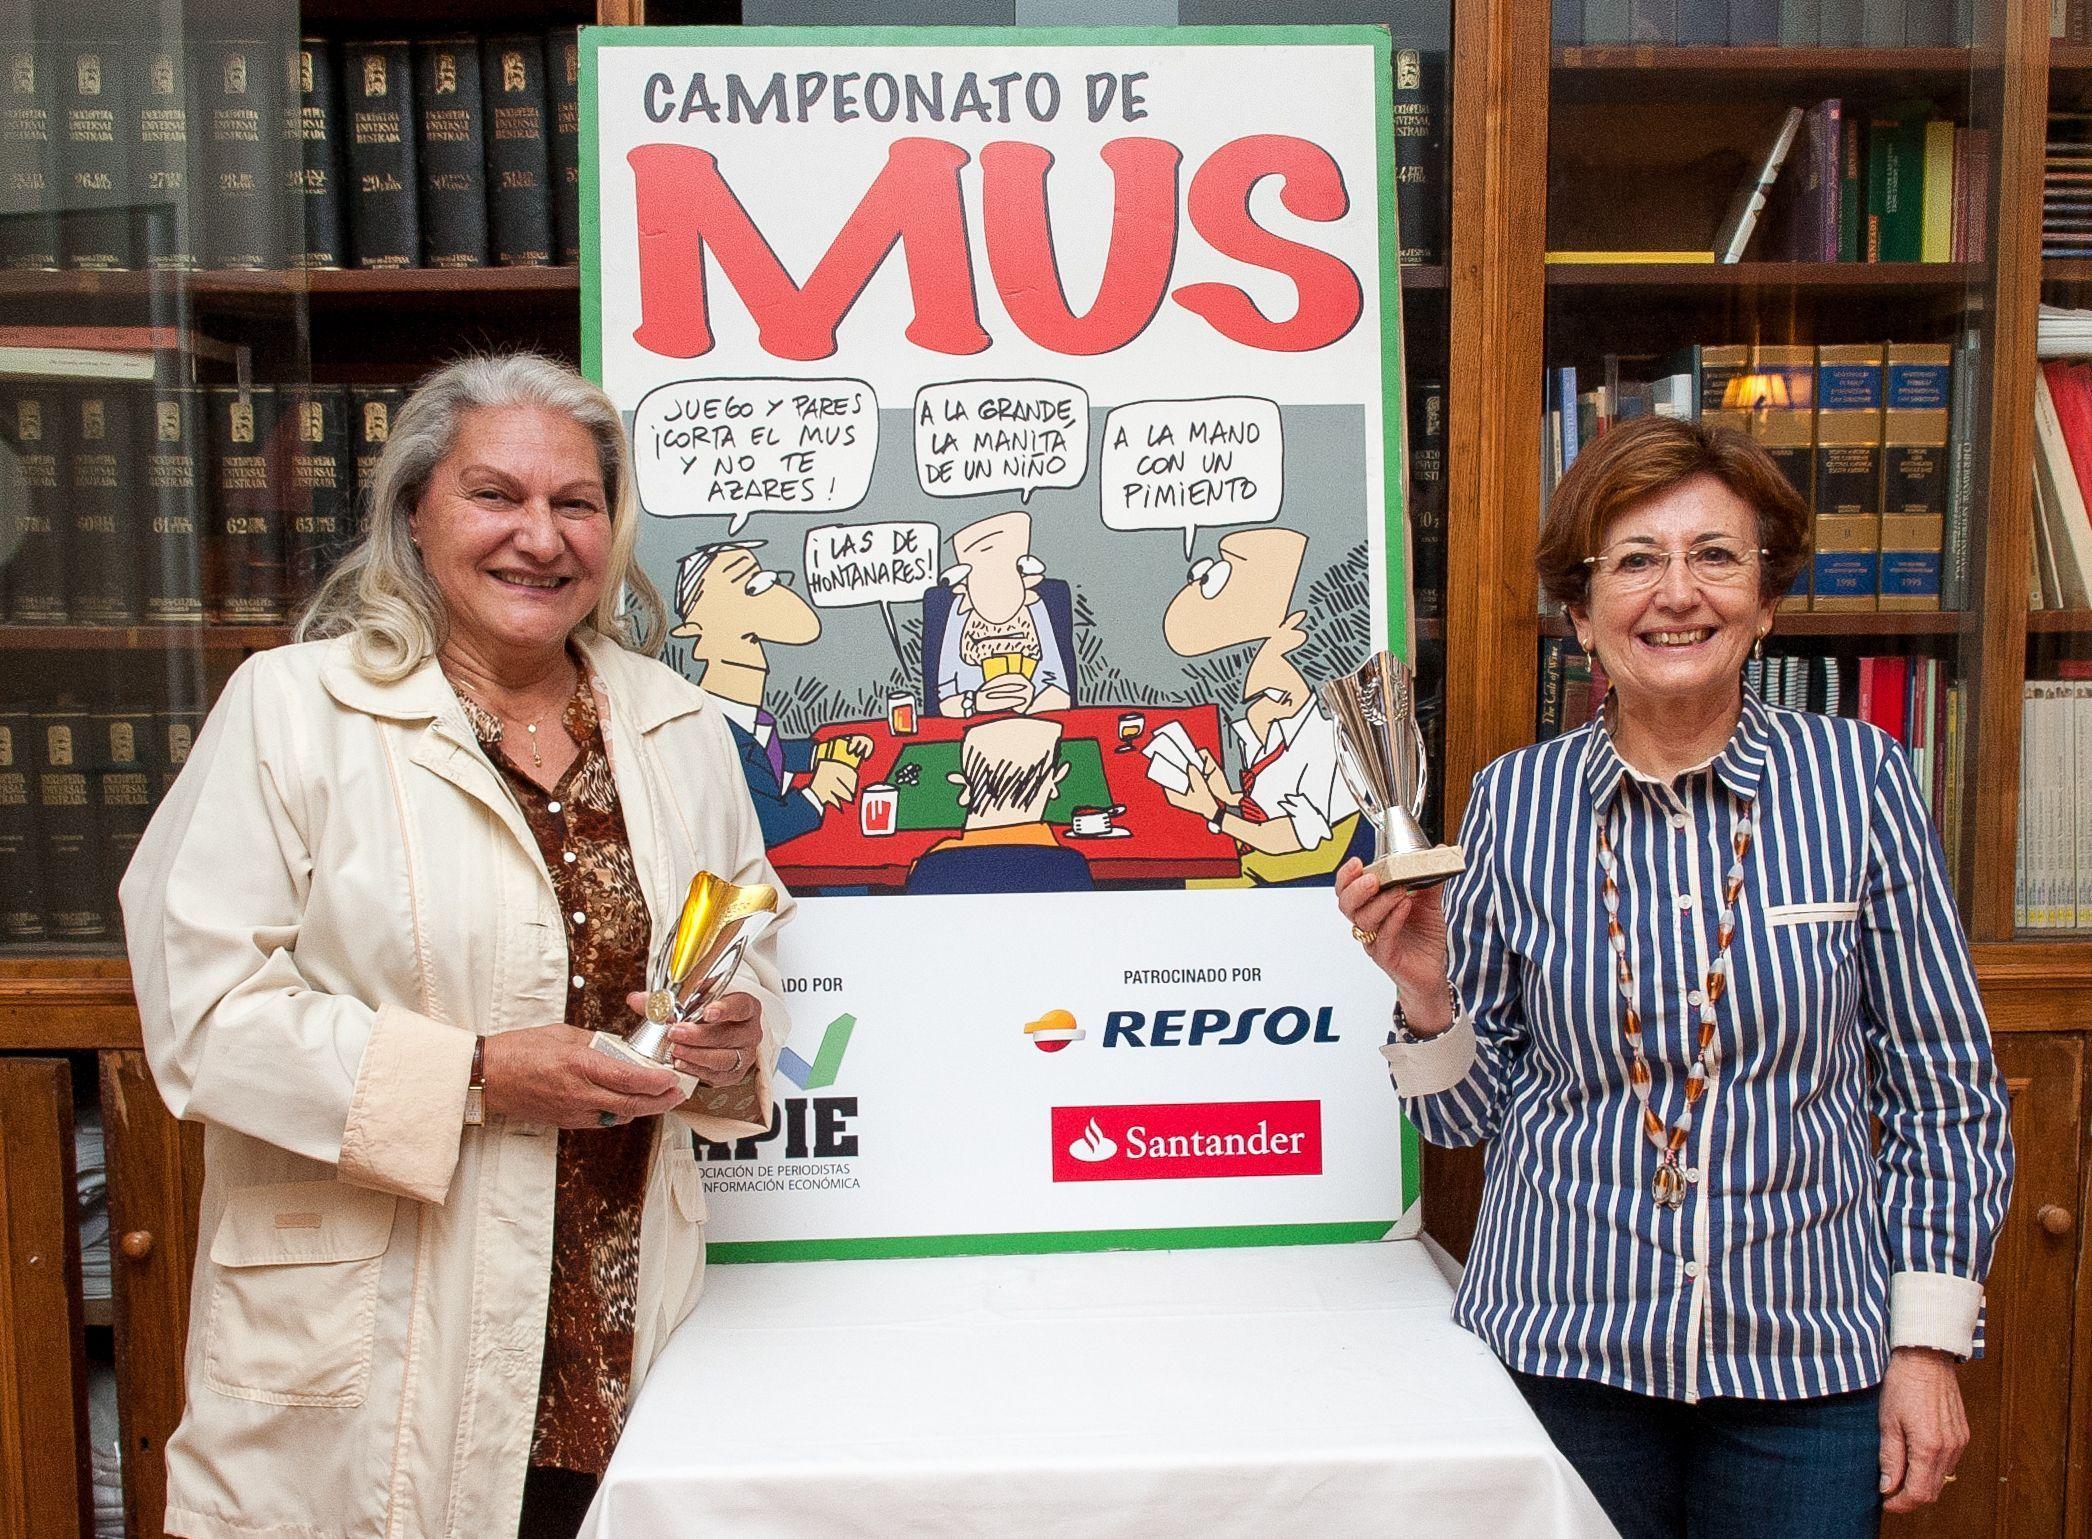 María Jesús Santos y Beatriz Navarro, ganadoras del Premio Didáctico del XXIV Torneo de Mus de la APIE.